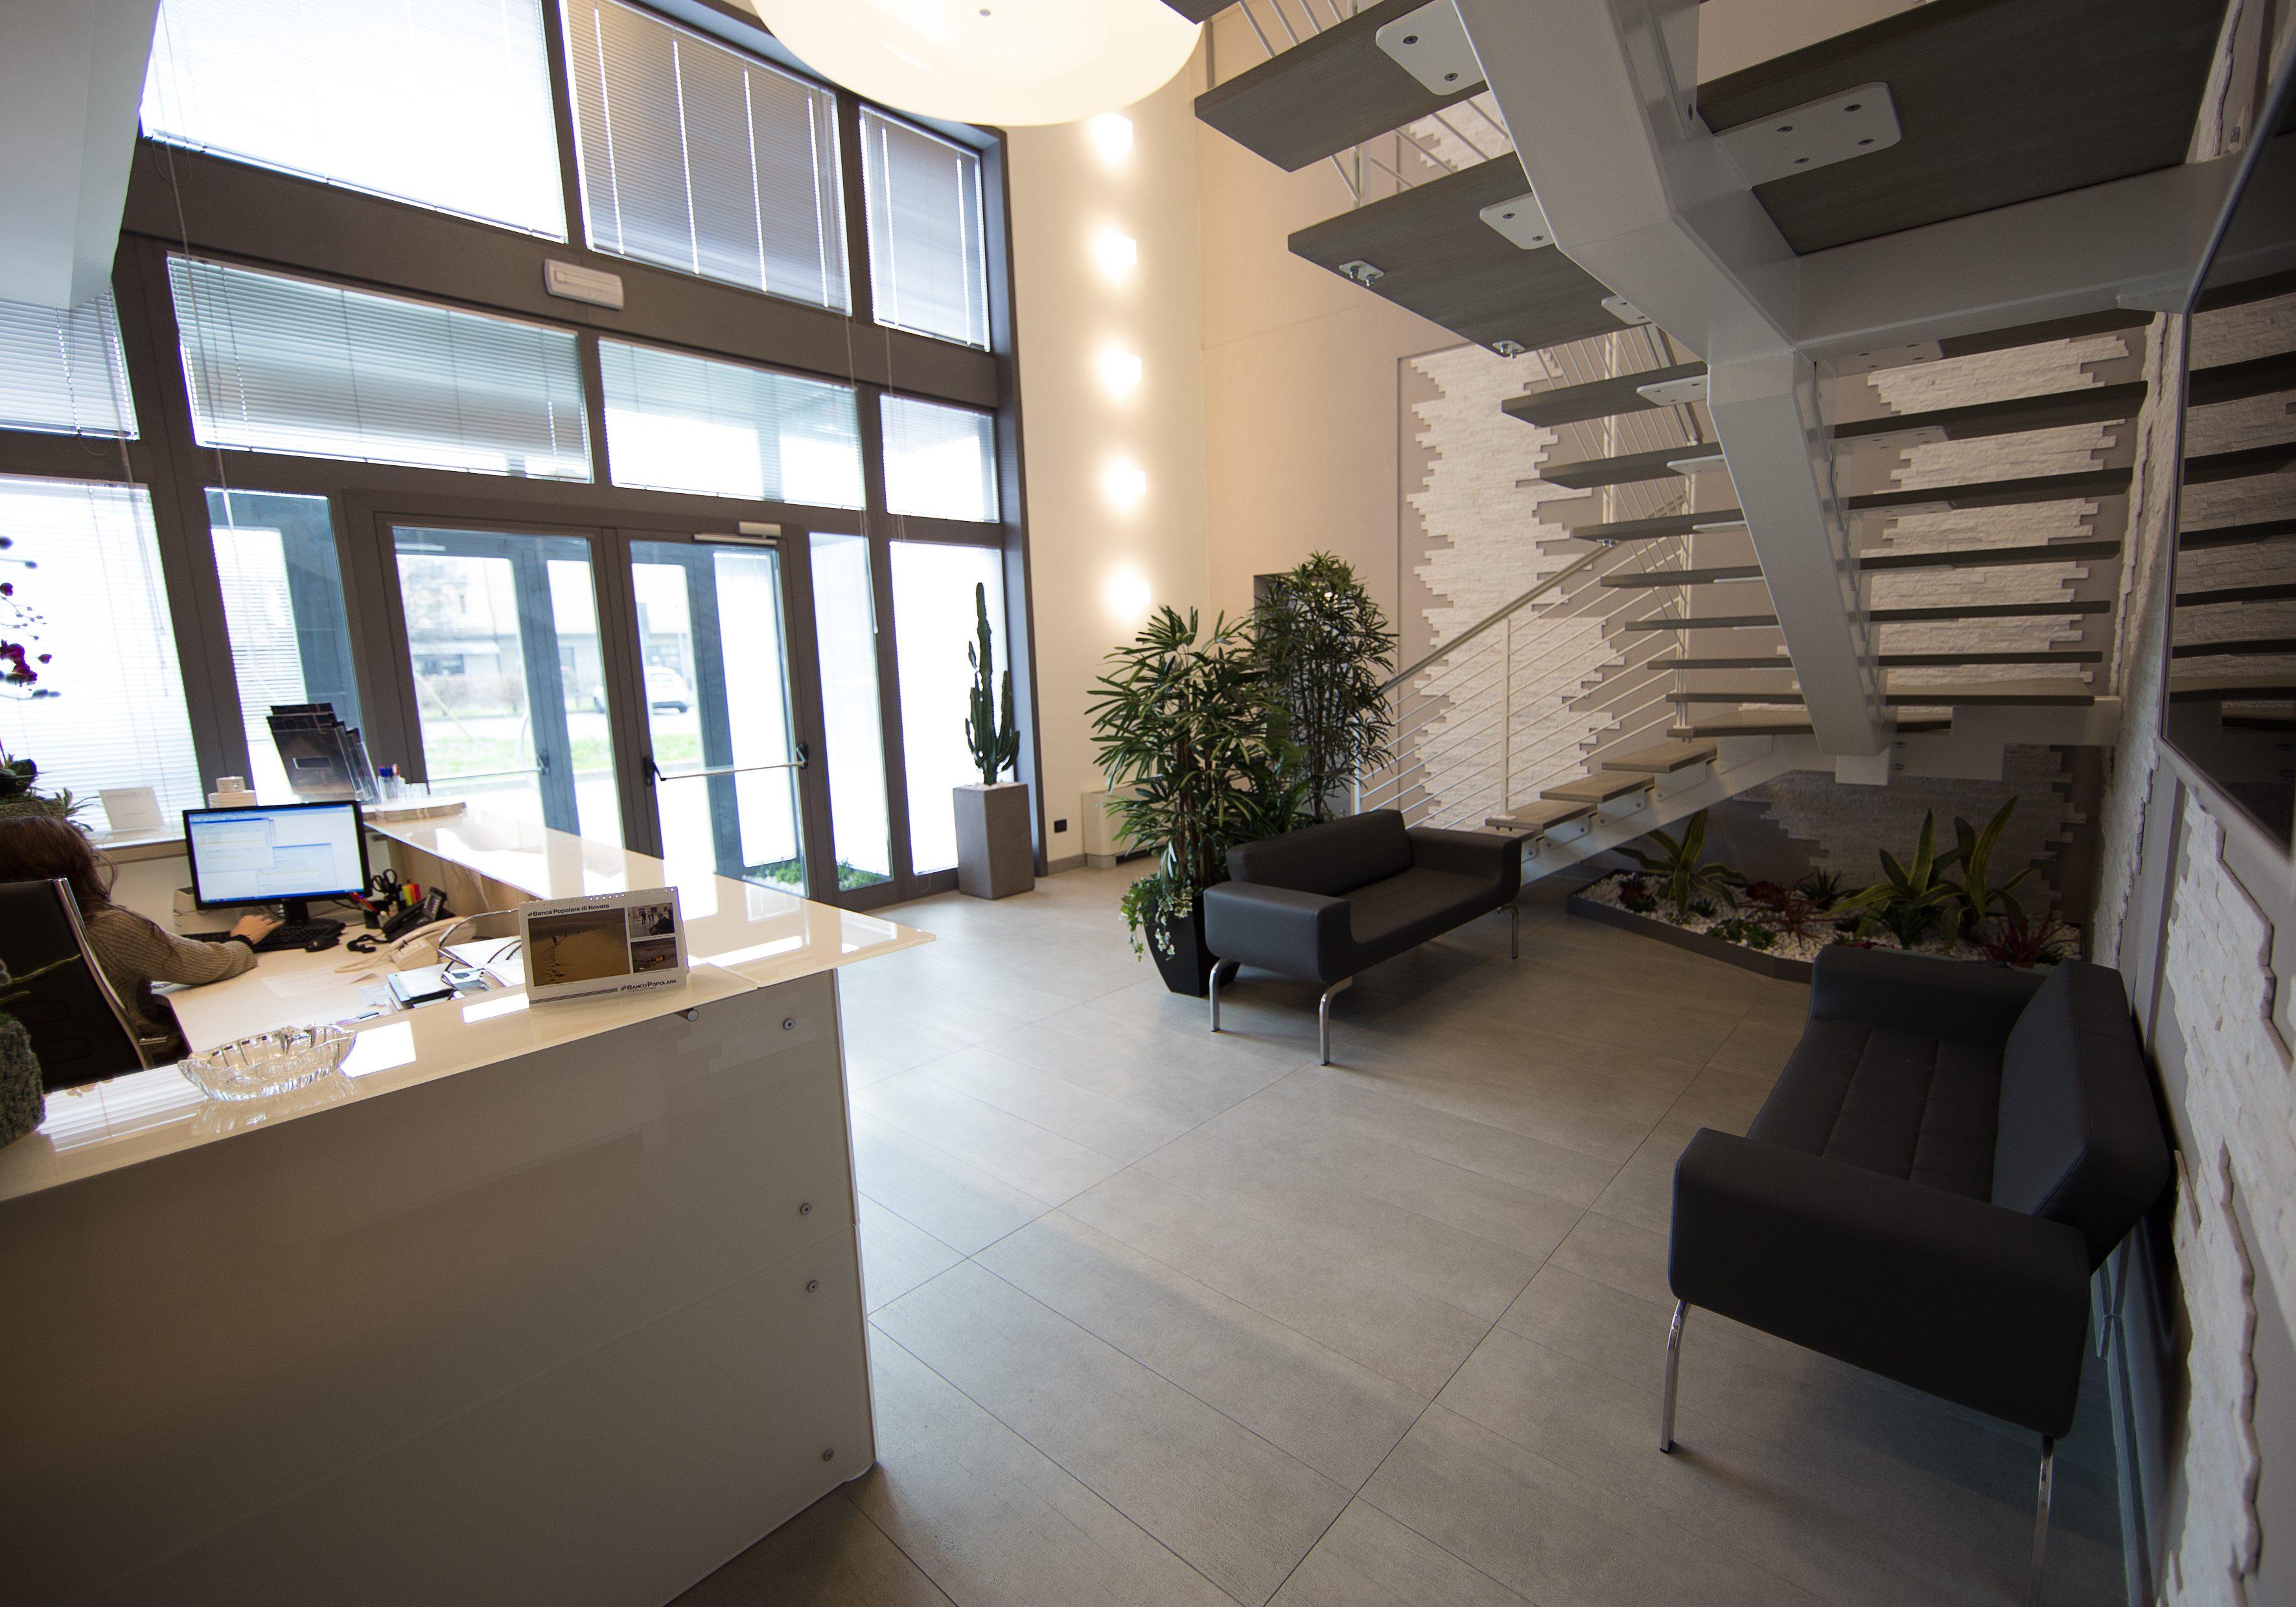 Ufficio Di Design : Ambienti di design methodo ufficio